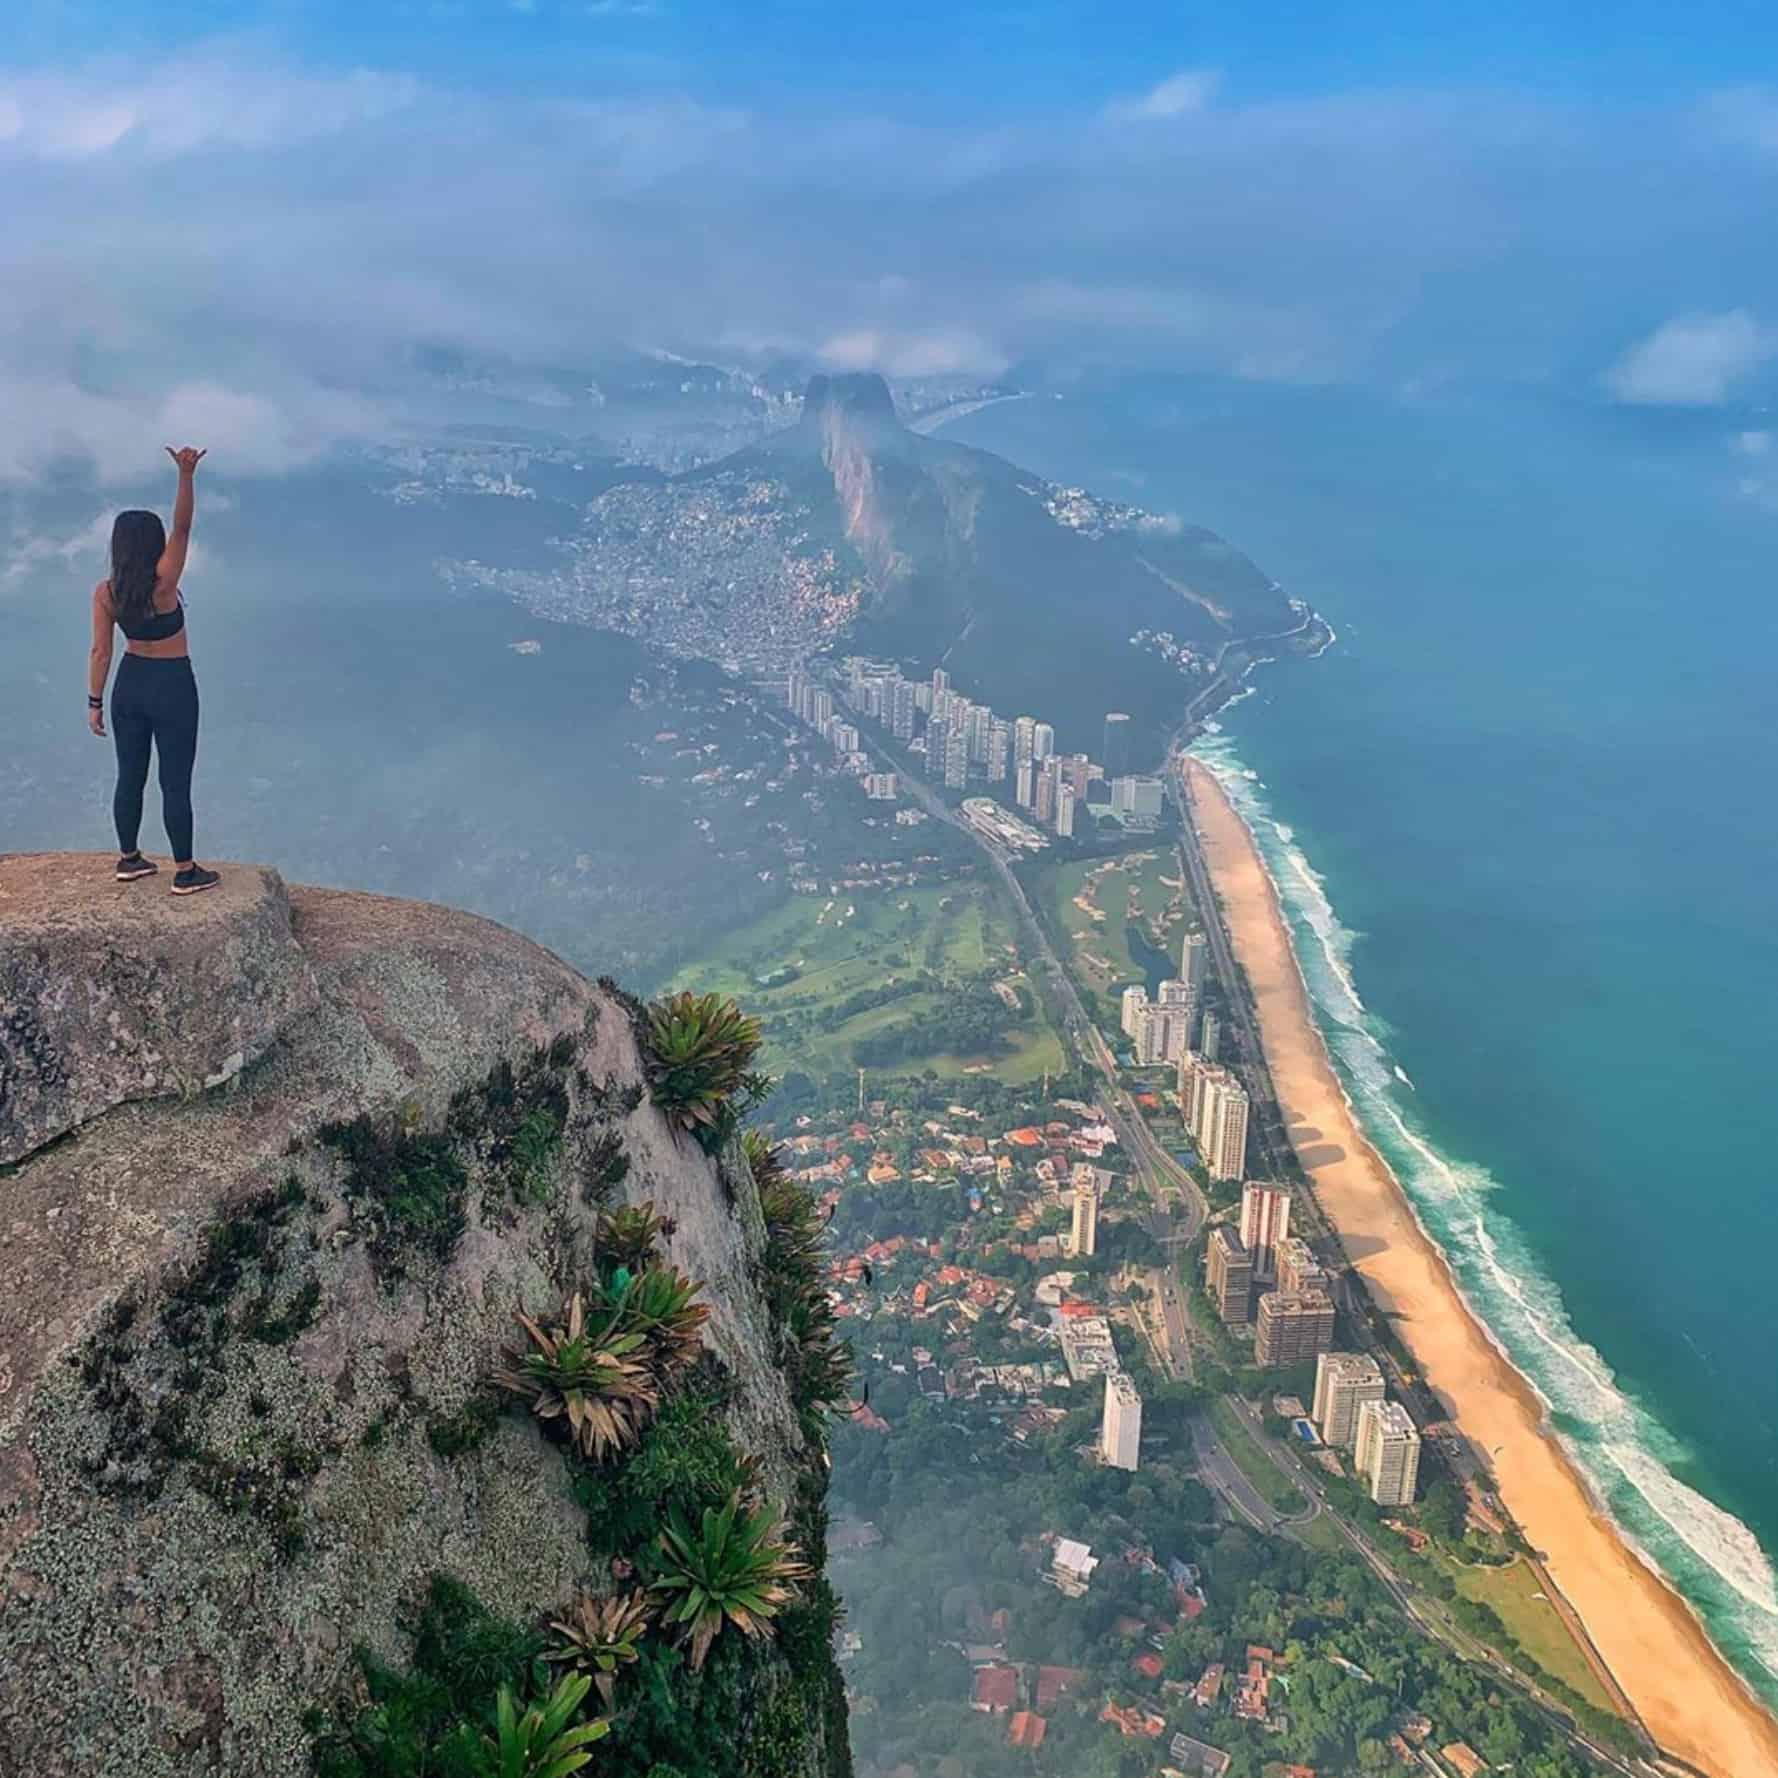 Pedra Da Gávea Hike